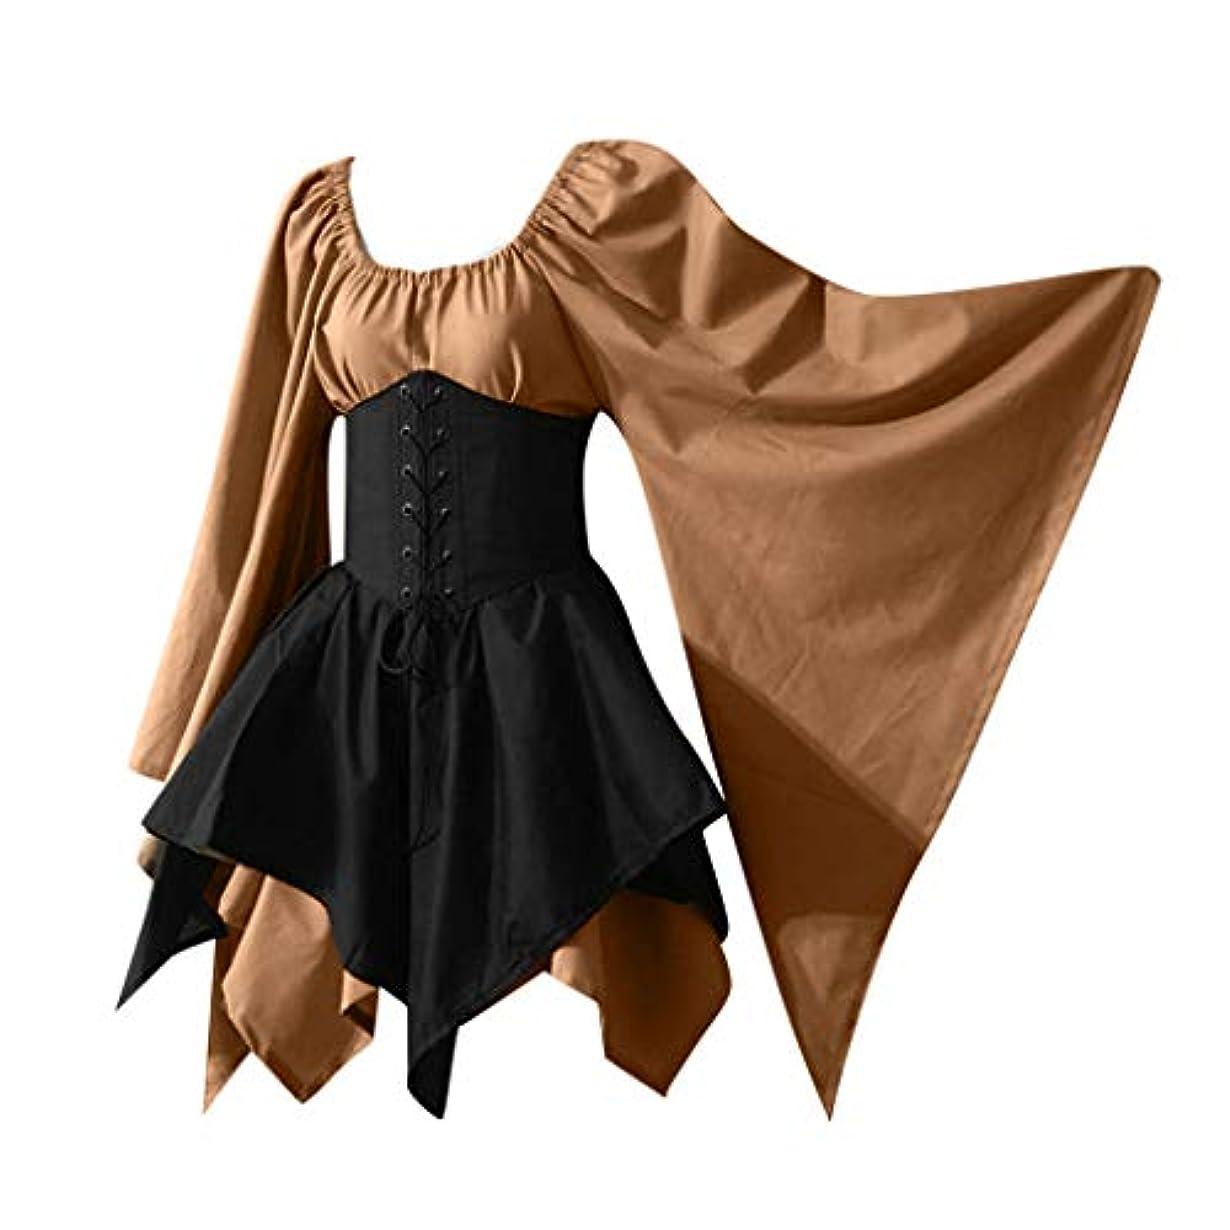 すでに良心肩をすくめるワンピース レディース ステージ衣装 Huliyun 舞台 ドレス コートスタイル制服 コスプレ衣装 レース ヴィンテージ 洋服 コスチューム ドレス ステージ衣装 レディース 洋服